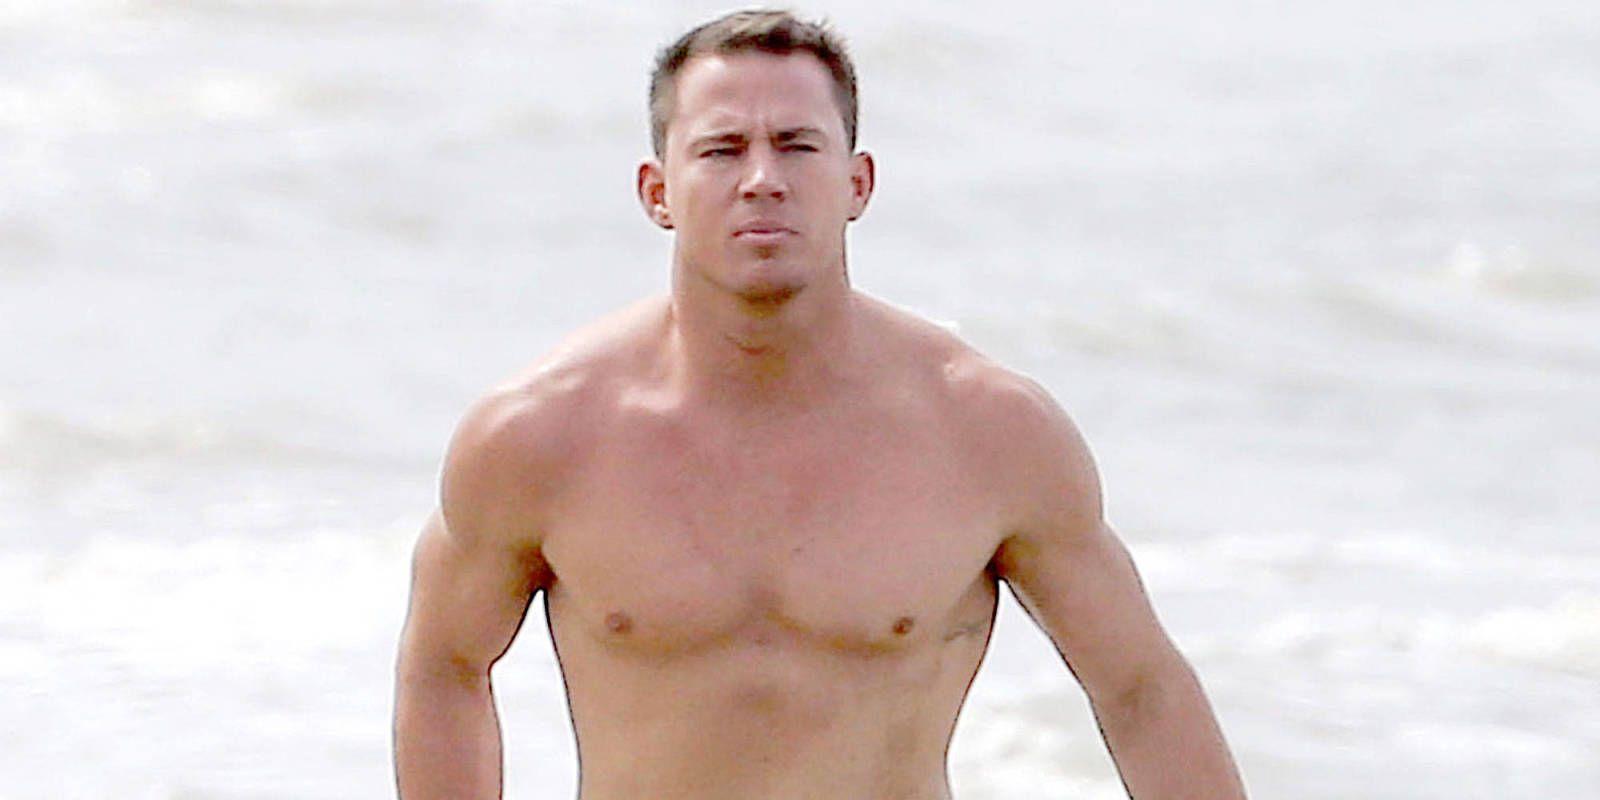 DEBORA: Australian single men